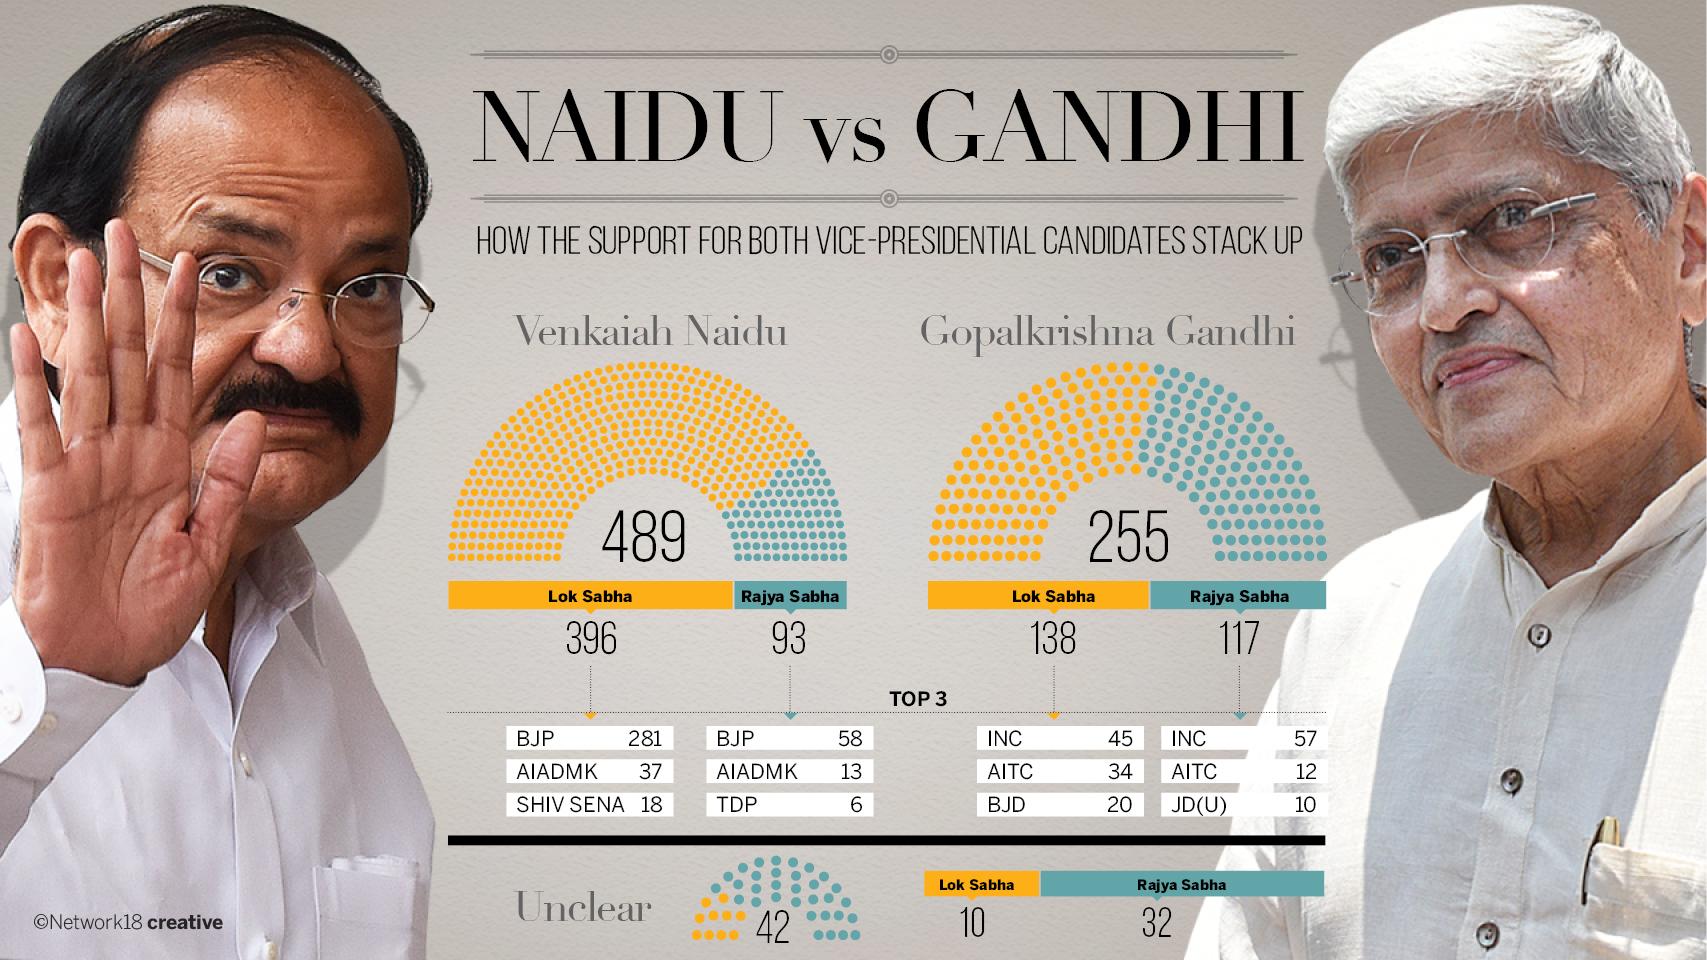 NaiduVSGandhi